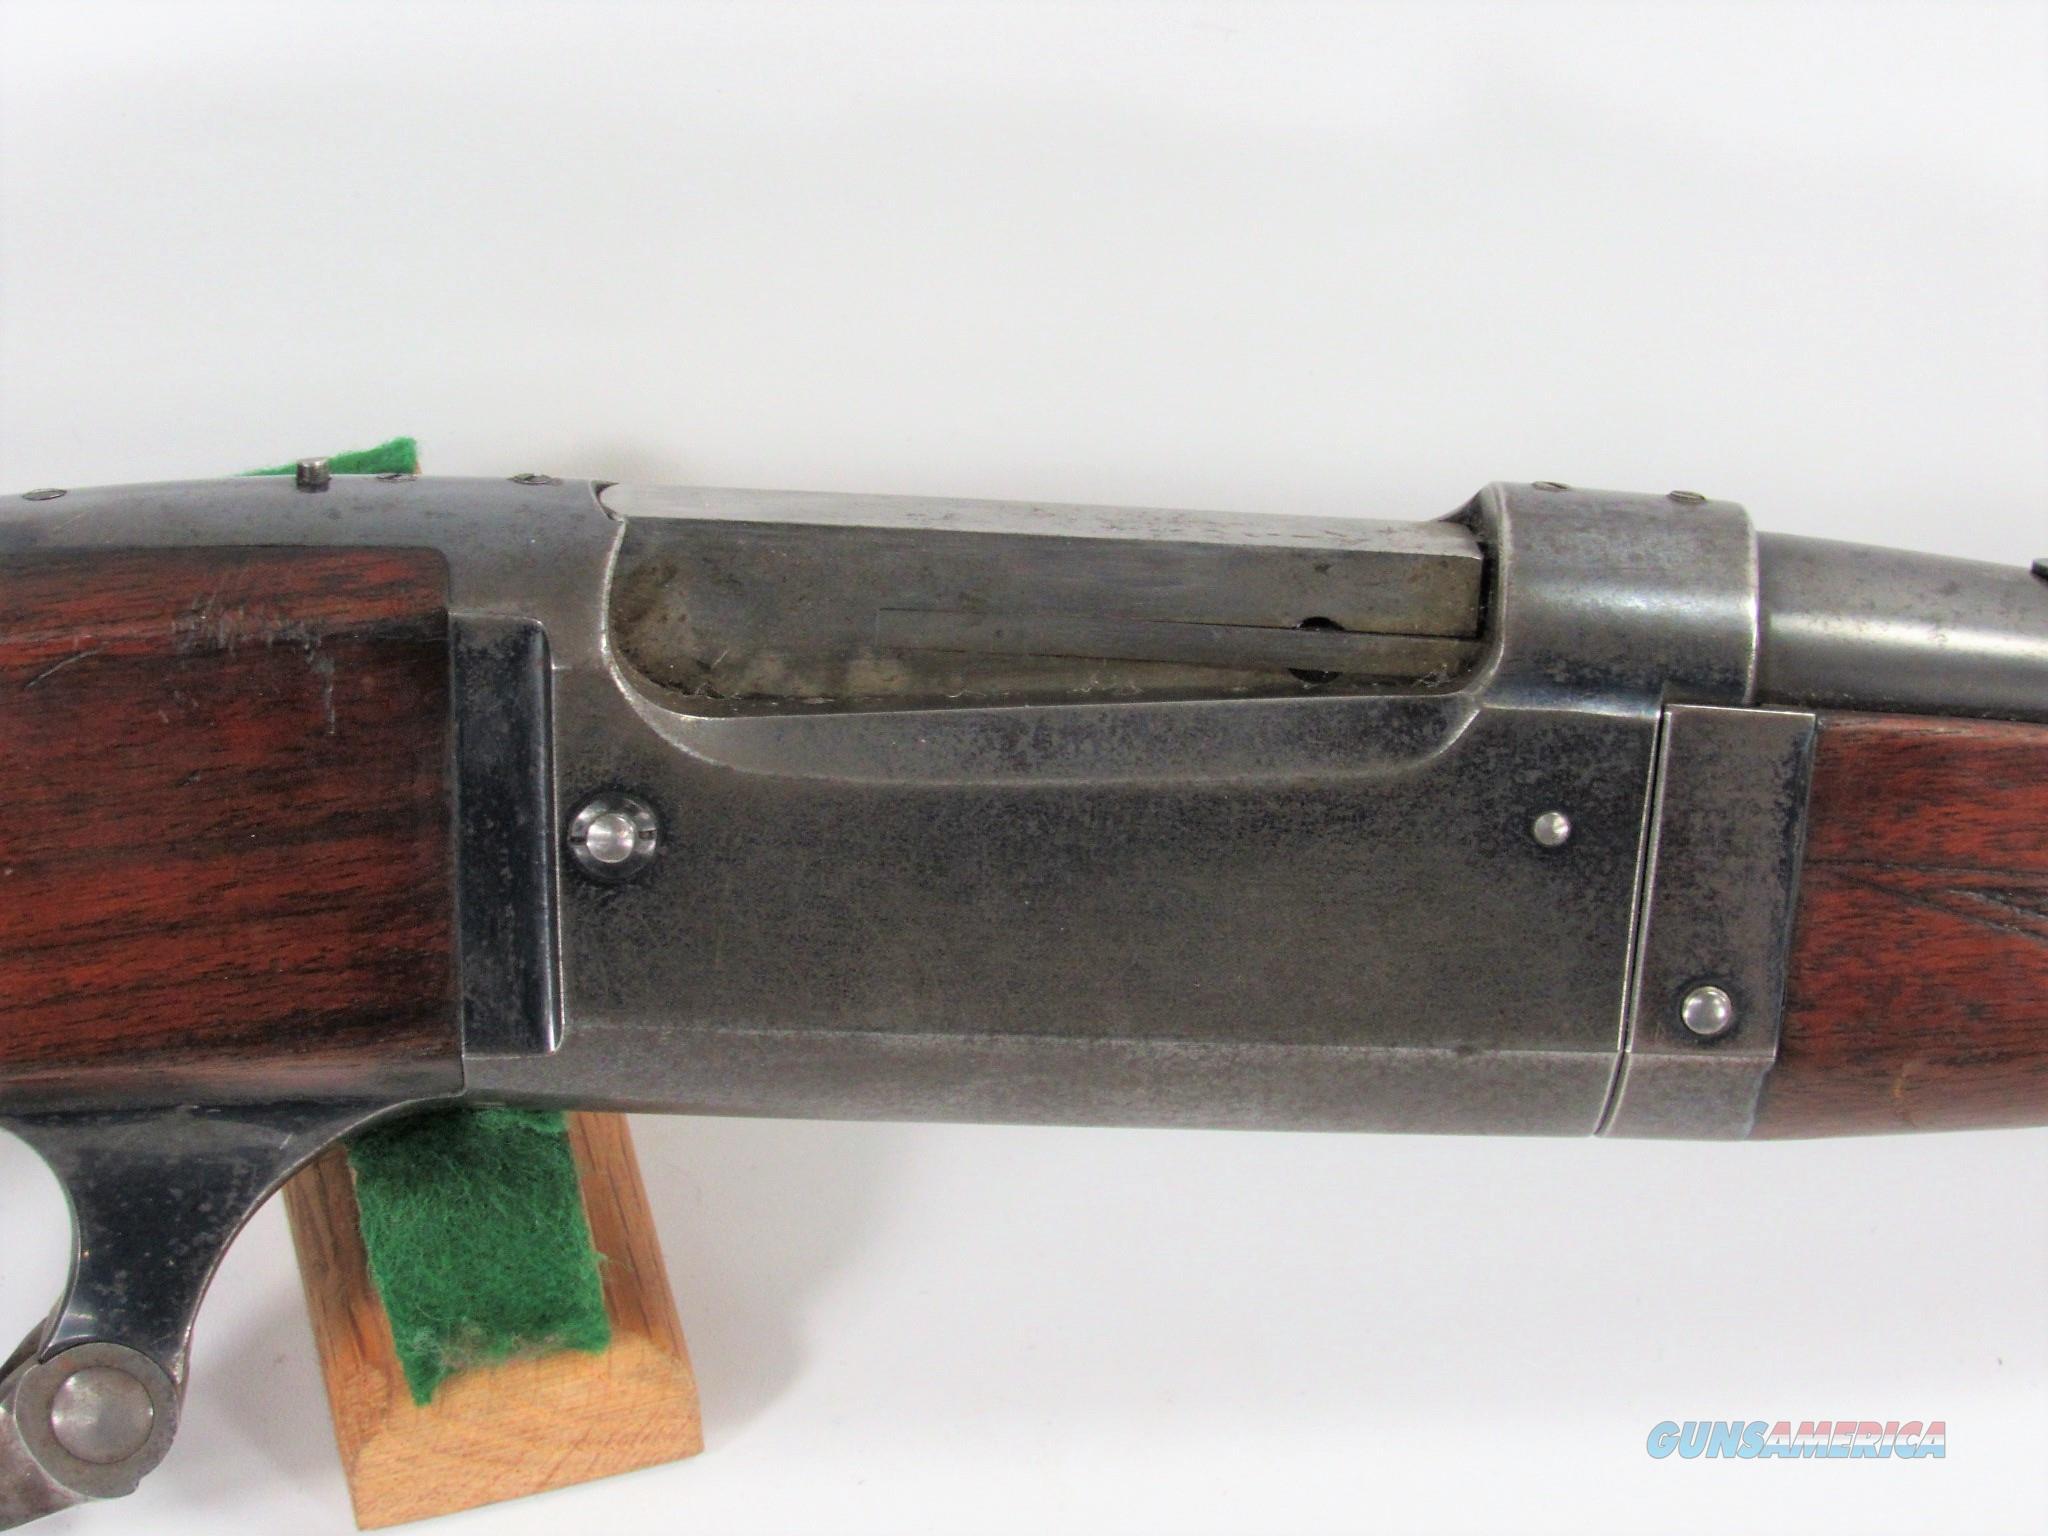 44Y SAVAGE 1899 250-3000 TAKE DOWN RIFLE  Guns > Rifles > Savage Rifles > Model 95/99 Family